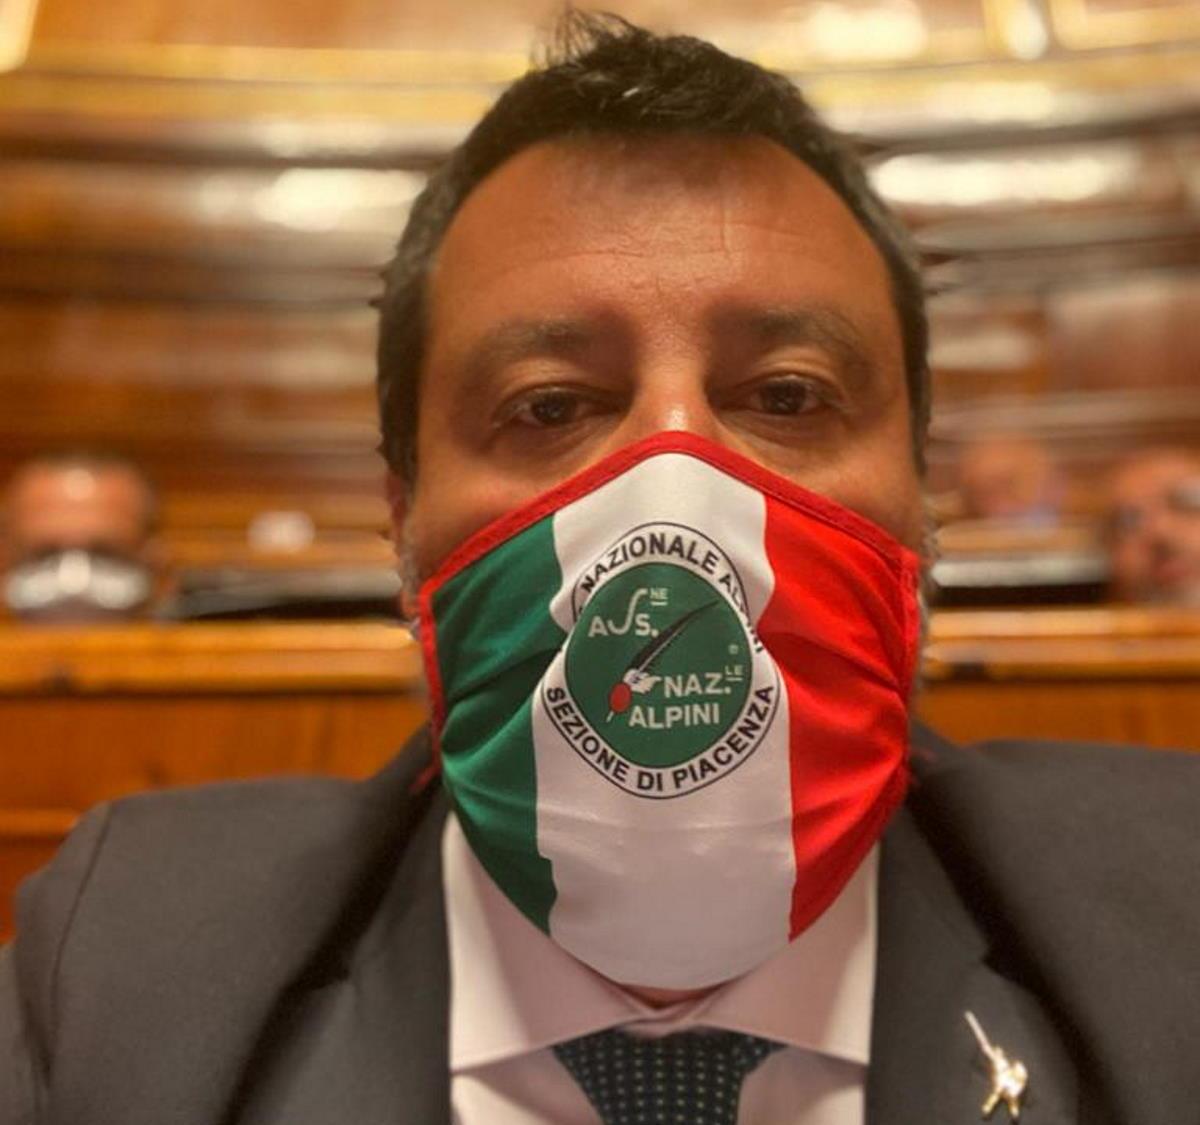 Rispetto a un anno fa la Meloni ha rubato a Salvini quasi il 10% degli elettori